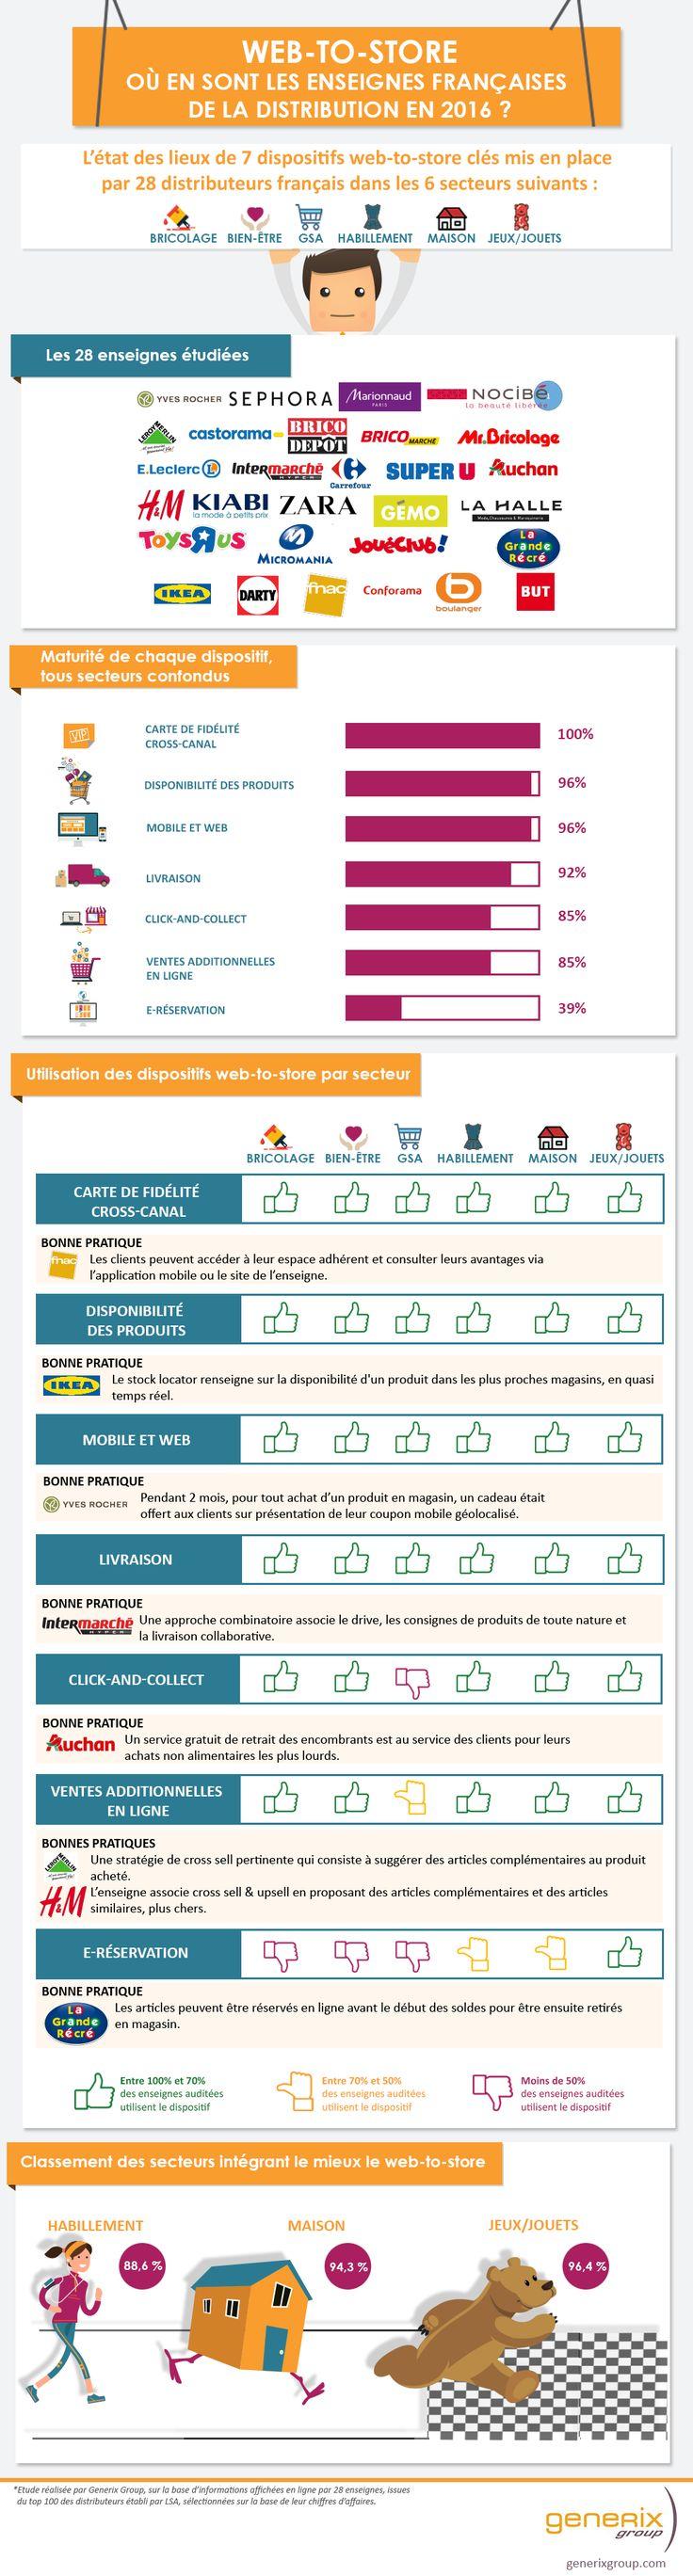 Les pratiques web-to-store de 28 enseignes de distribution